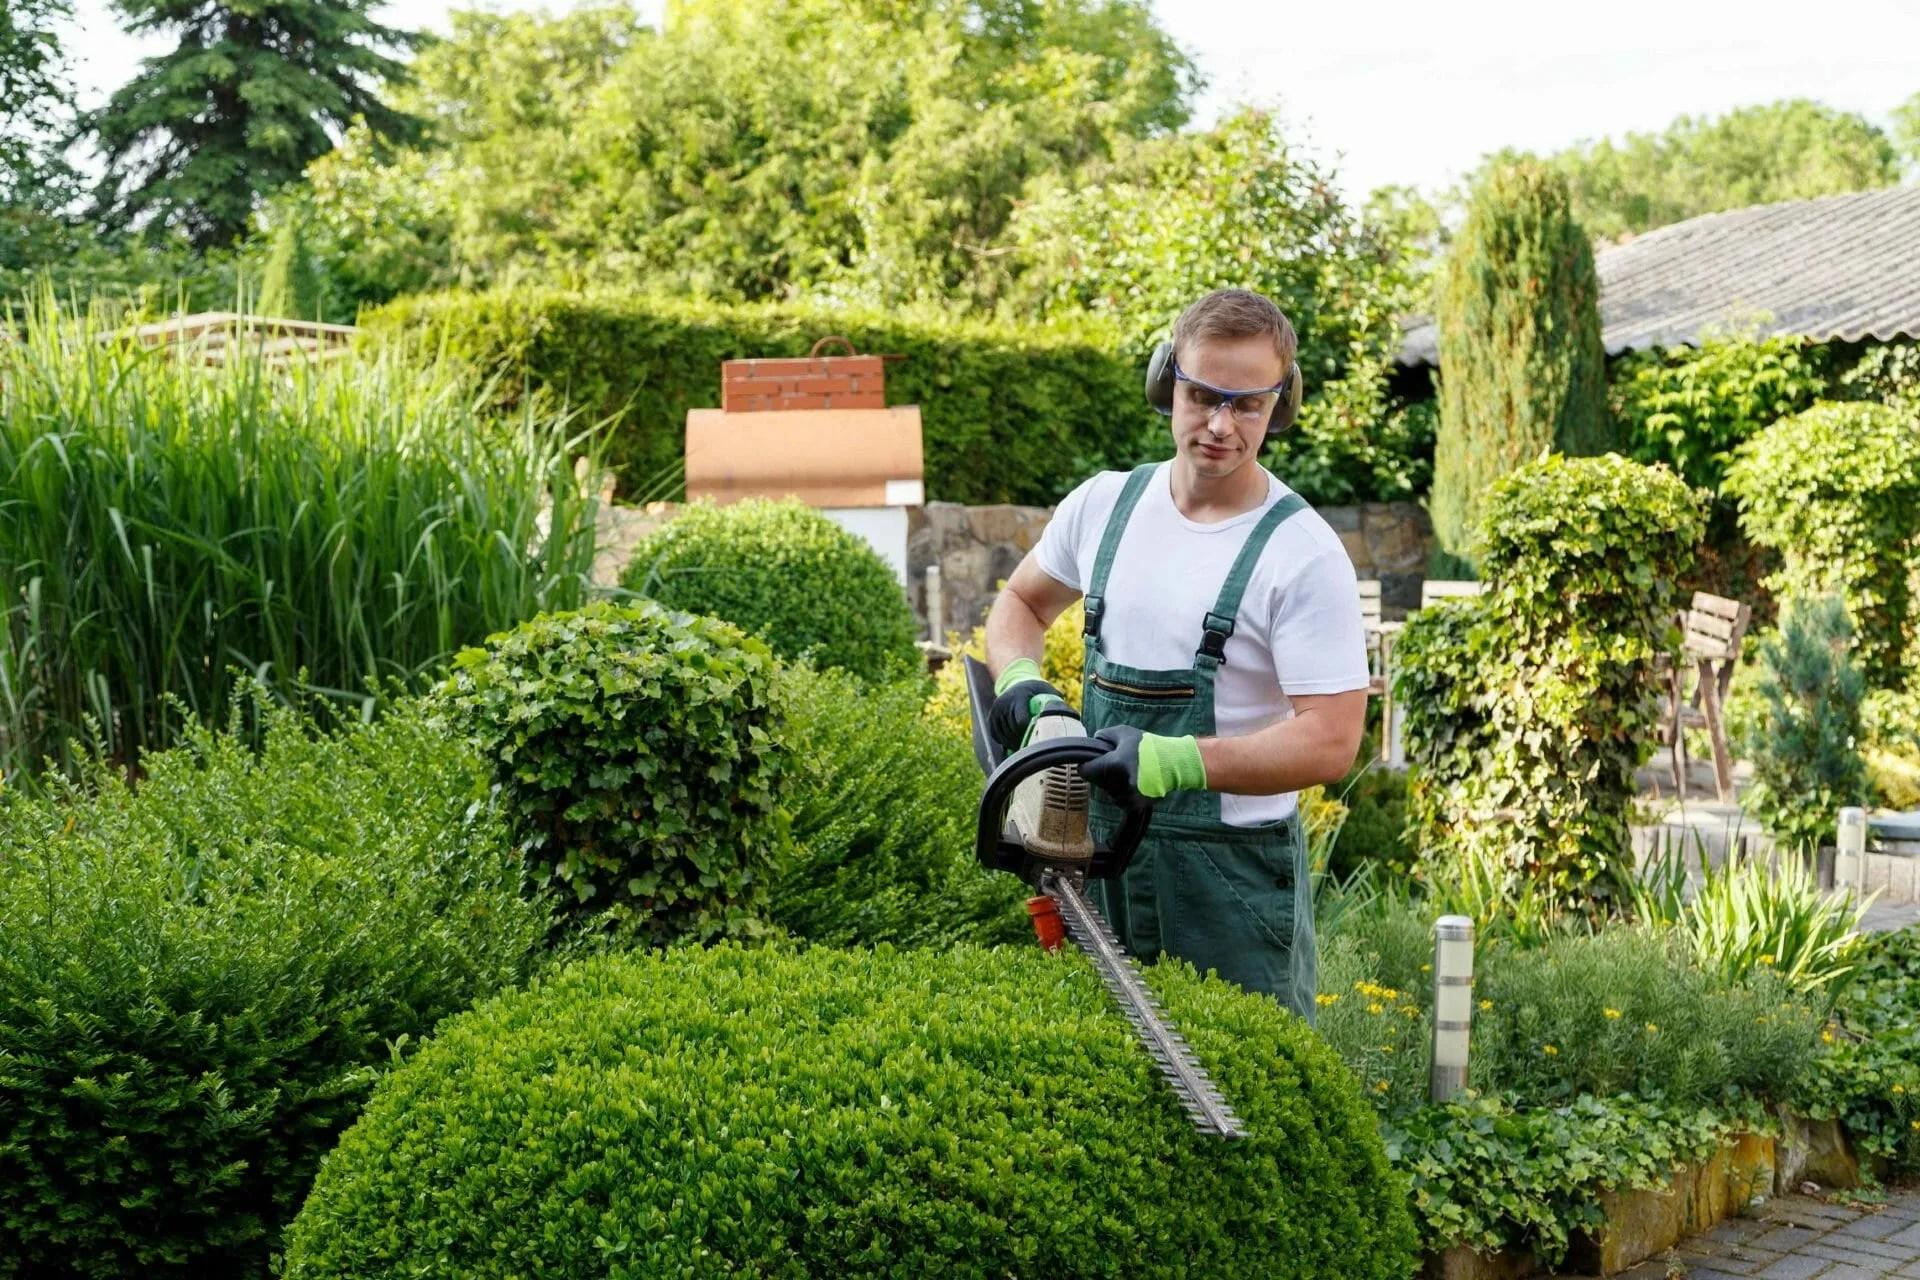 Landscape Gardener S Insurance Explained